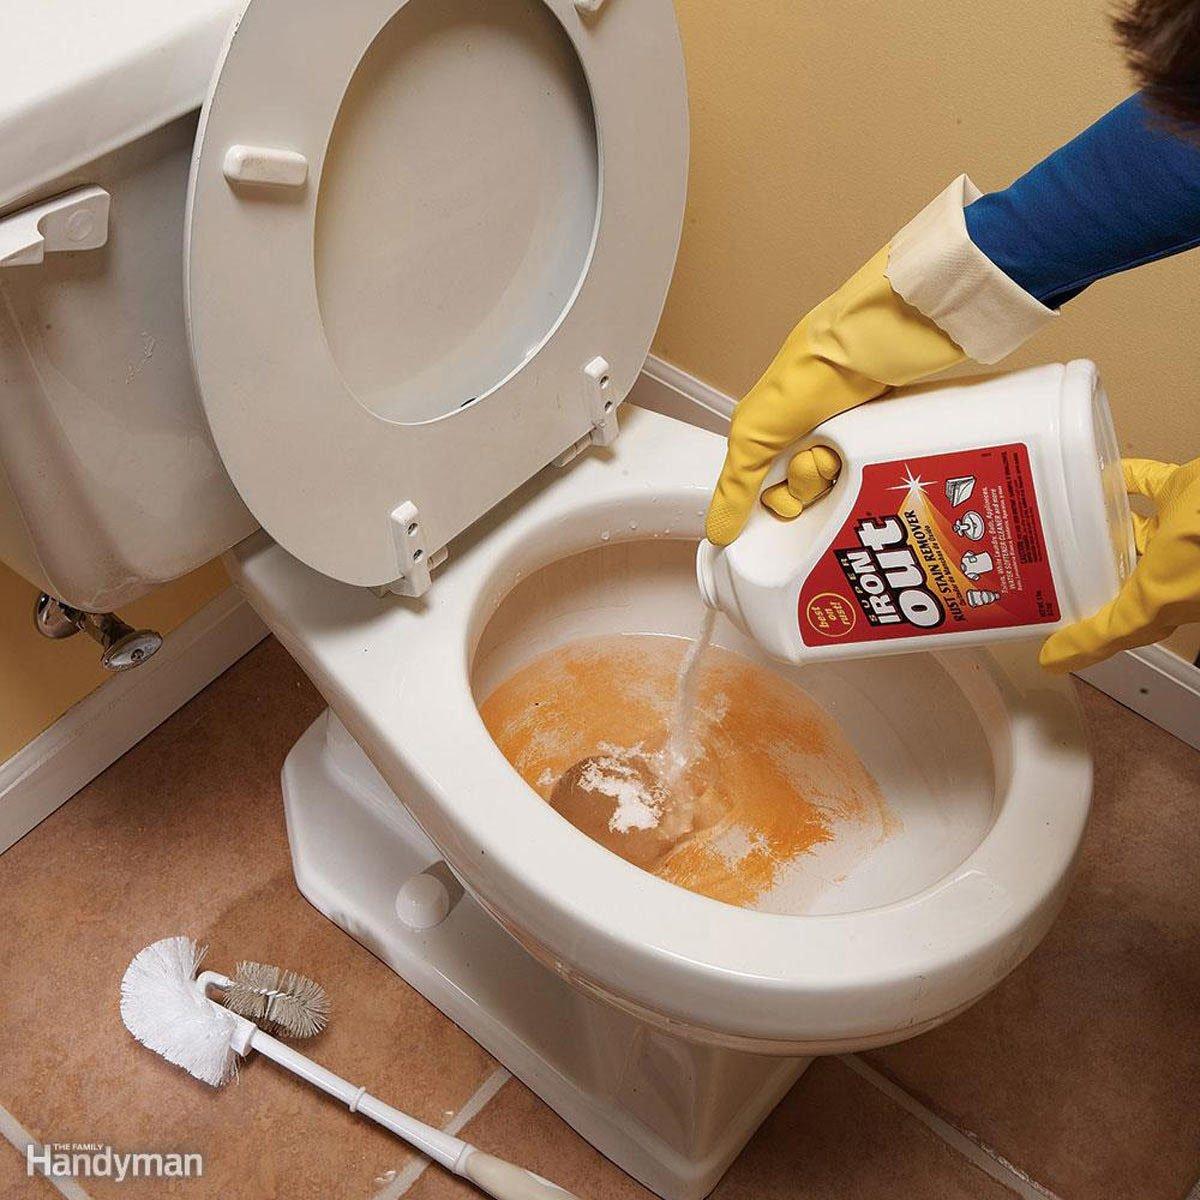 Iron-out toilet